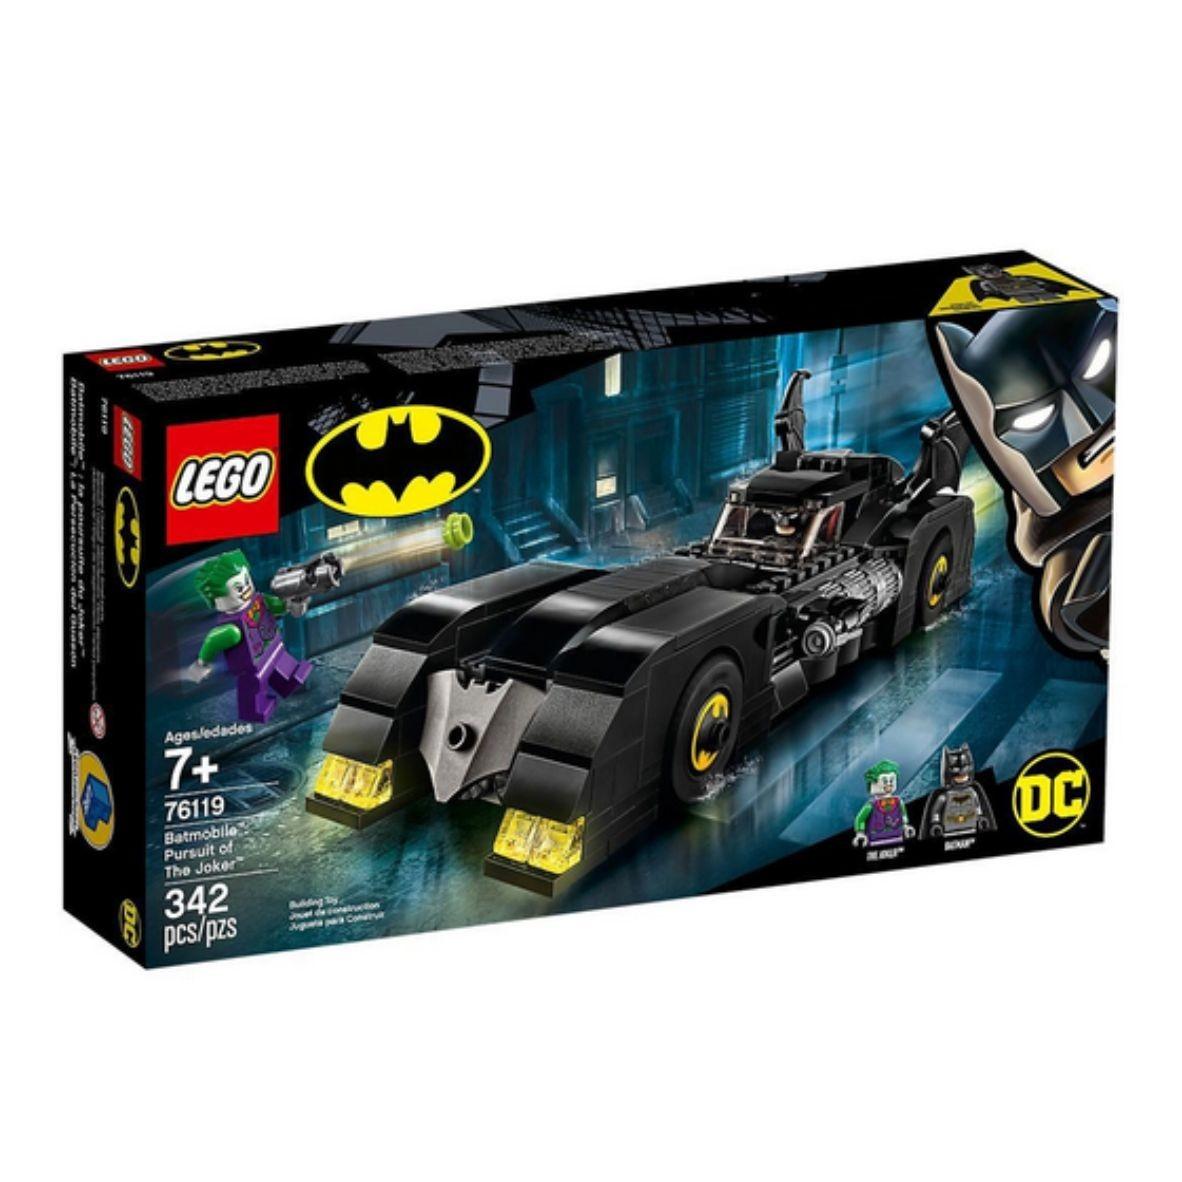 LEGO Batmobile - Perseguição do Joker - 76119